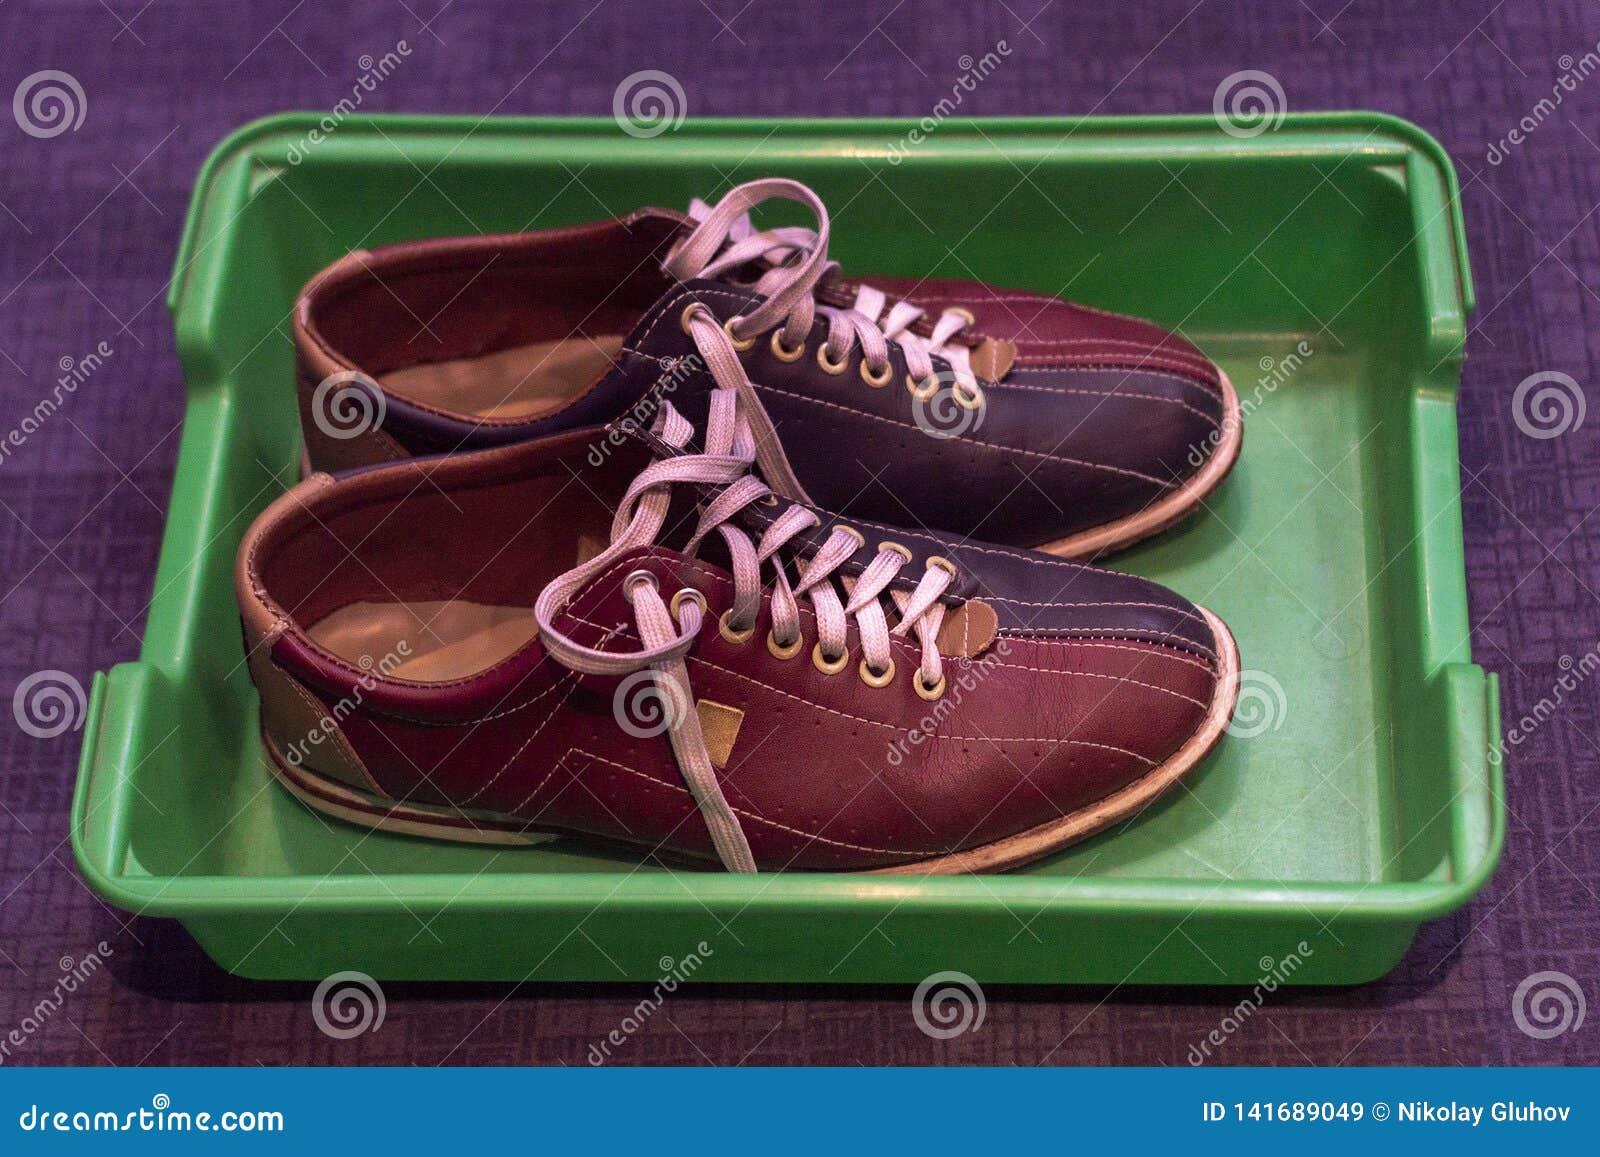 Πολύχρωμα παπούτσια δέρματος με τις δαντέλλες, ένα ζευγάρι, για το παιχνίδι του μπόουλινγκ σε έναν πλαστικό δίσκο